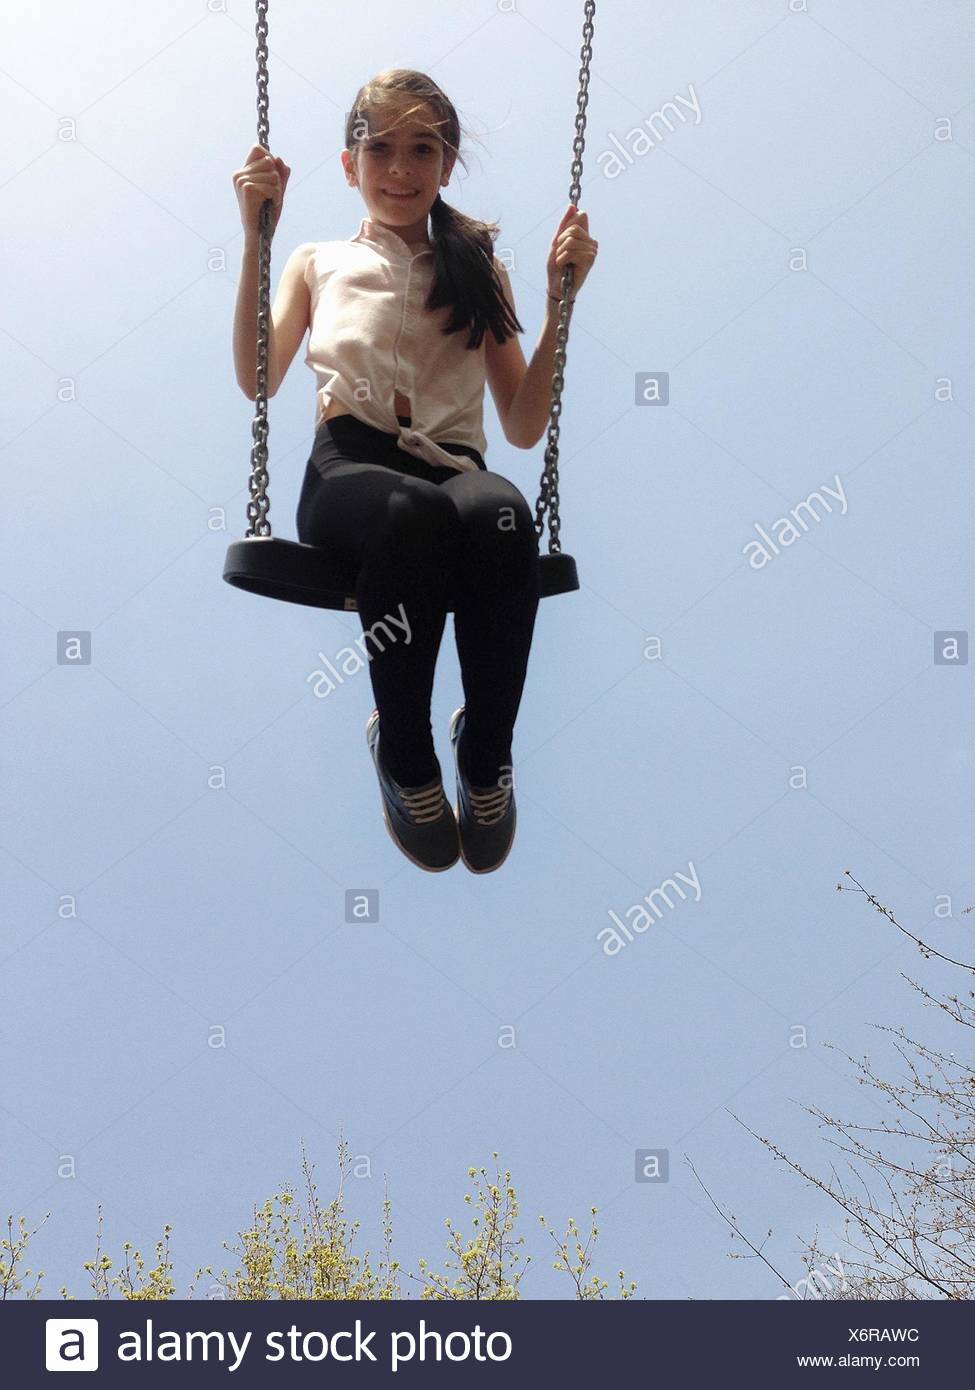 Mädchen auf einer Schaukel sitzend Stockbild